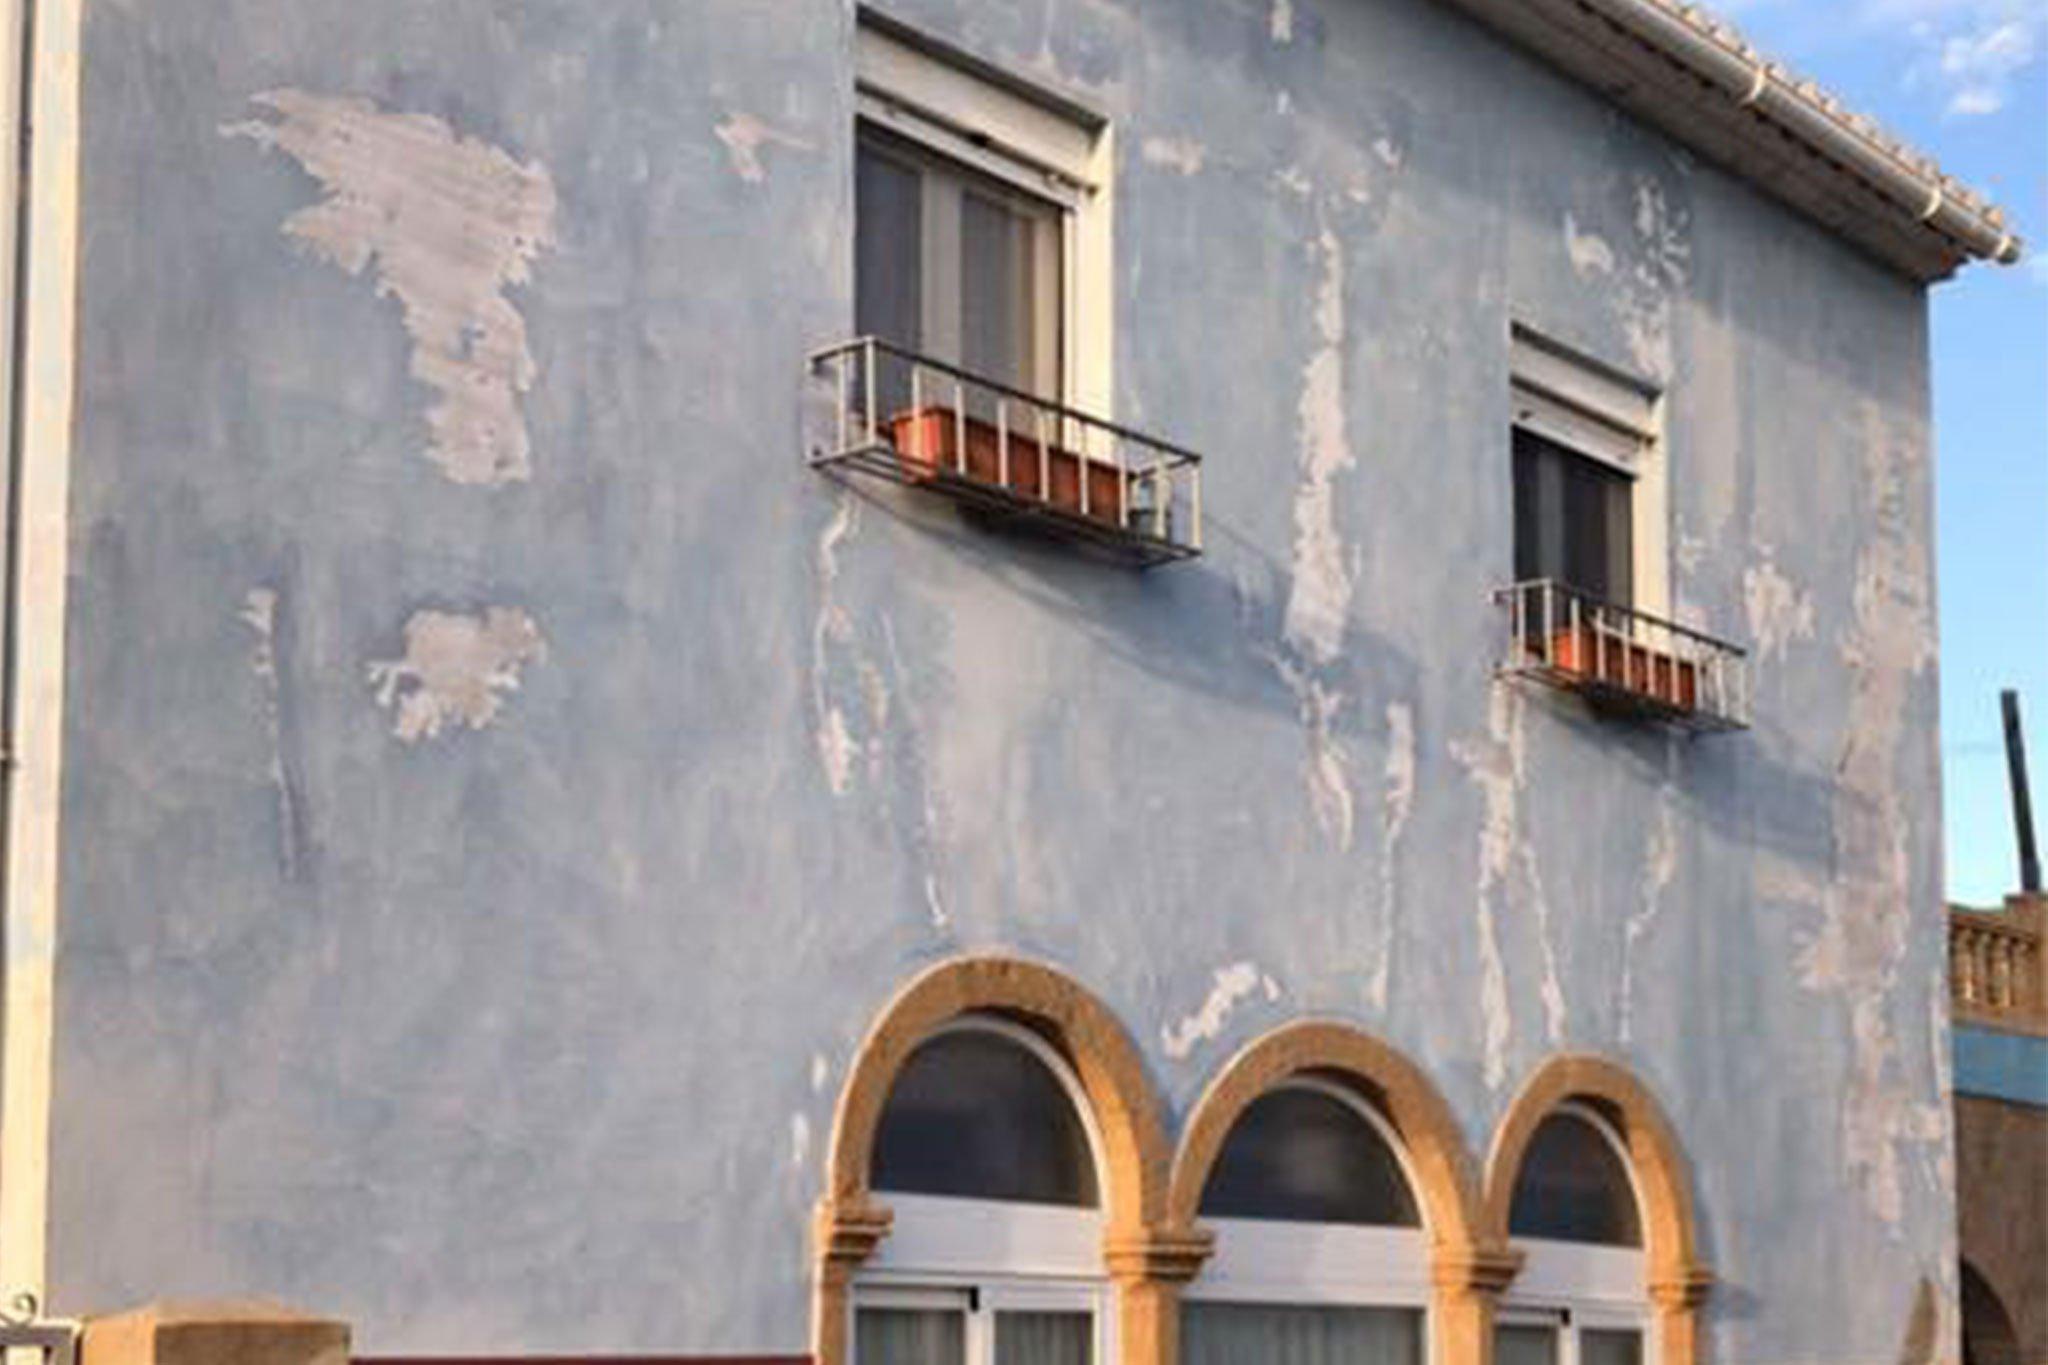 Fachada deteriorada – Pinturas Juanvi Ortolà